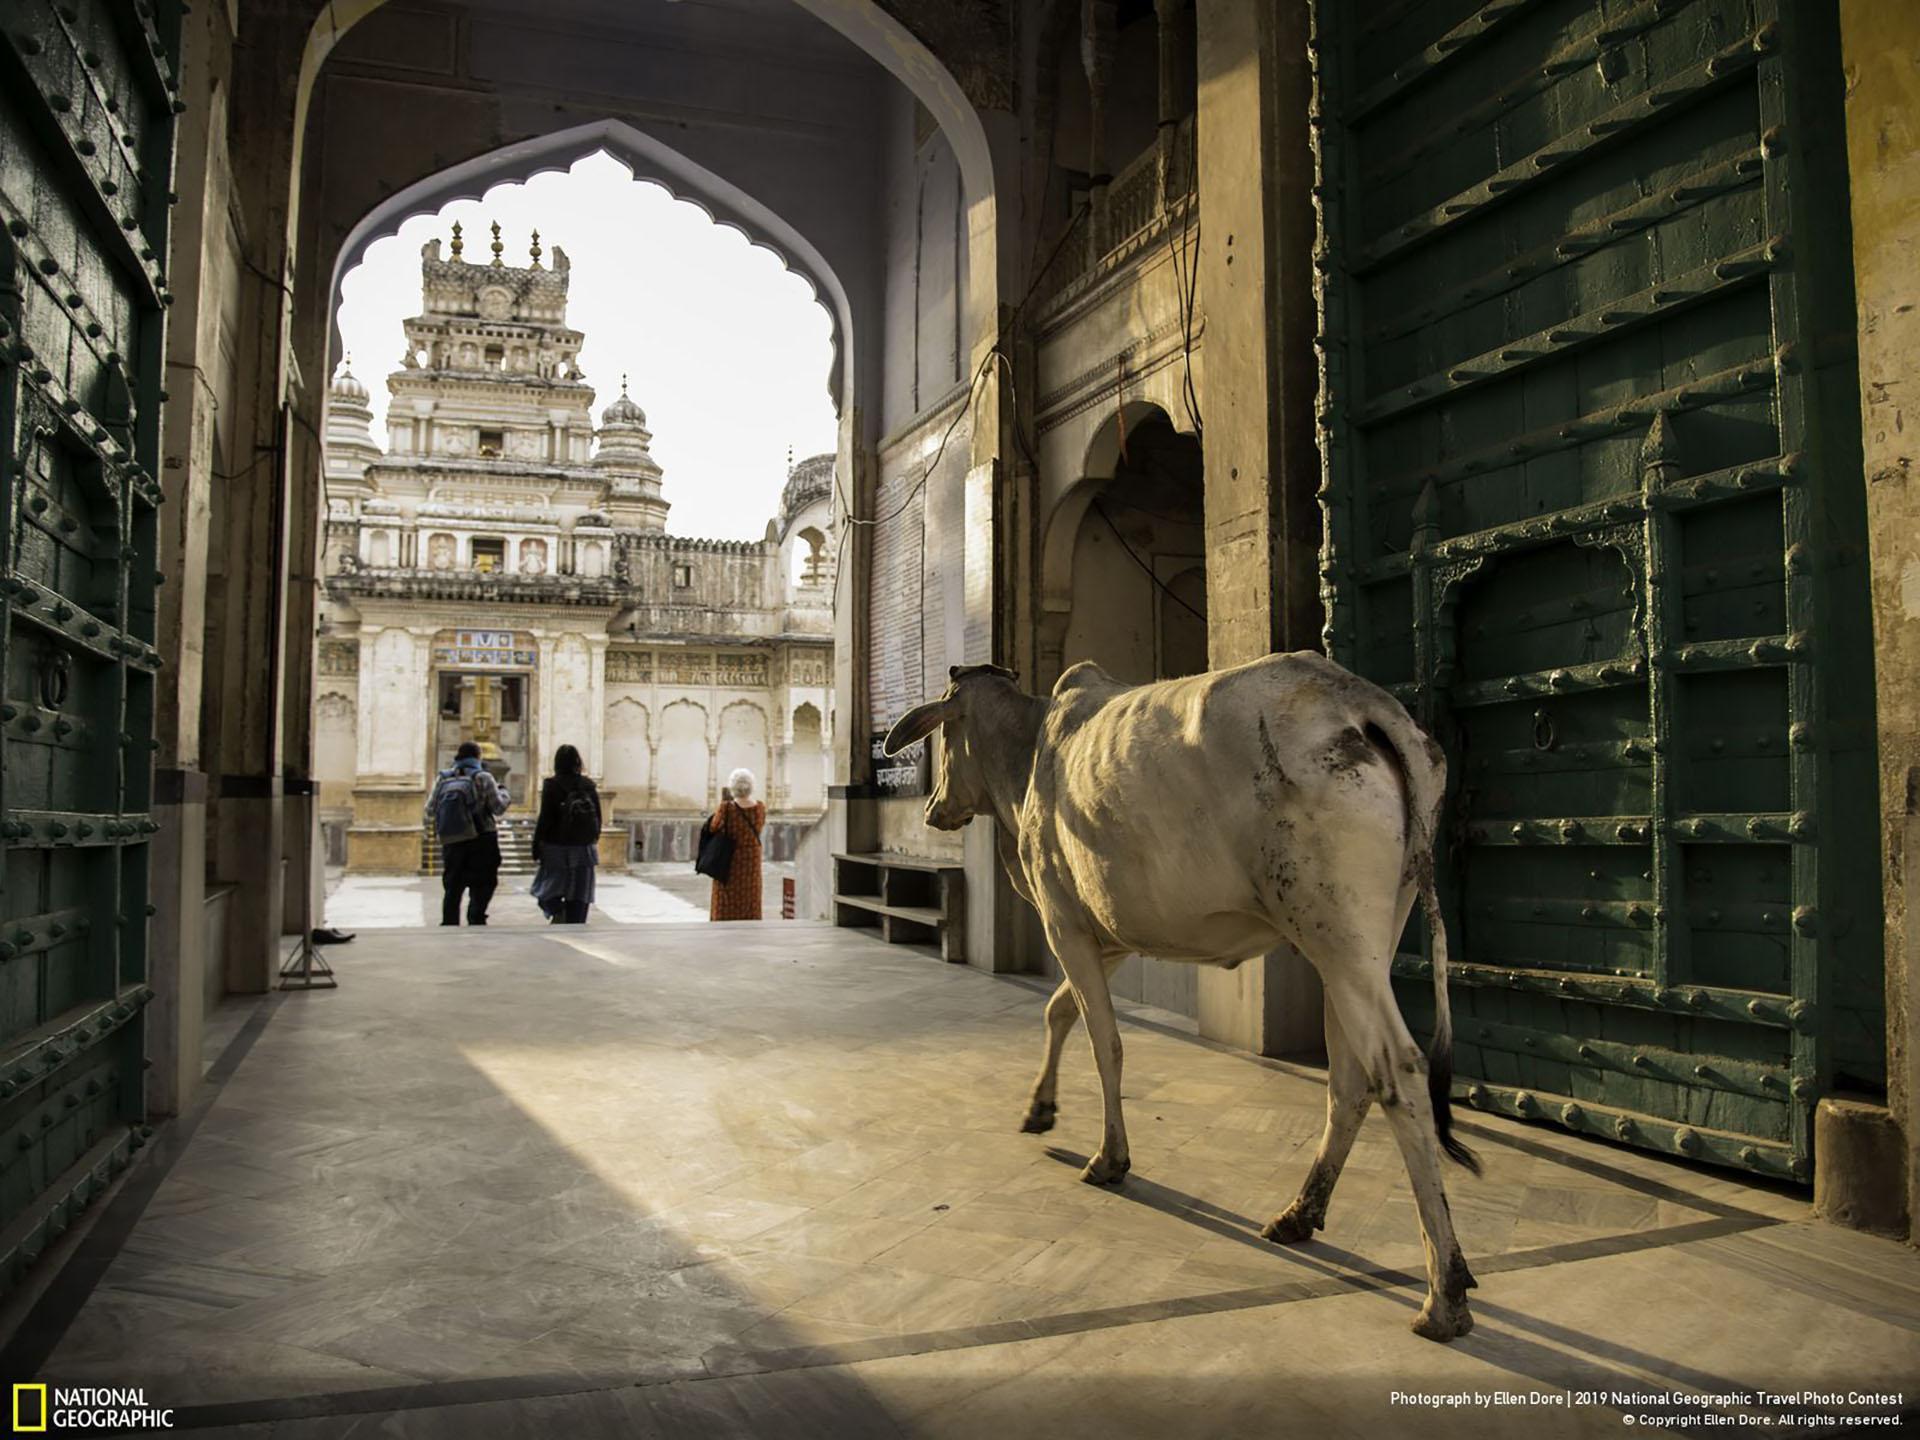 """""""Ingresando al templo"""", por Ellen Dore: """"Vacas como esta en Pushkar, India, tienen rienda suelta para vagar como les plazca. Al acercarse a la entrada de un templo en Pushkar, dedicado a Vishnu, la gente abrió paso para que la vaca entrara"""". (""""Entering the Temple"""" / 2019 National Geographic Travel Photo Contest / Categoría: Ciudades / Ubicación: Pushkar, Rajasthan, India)"""